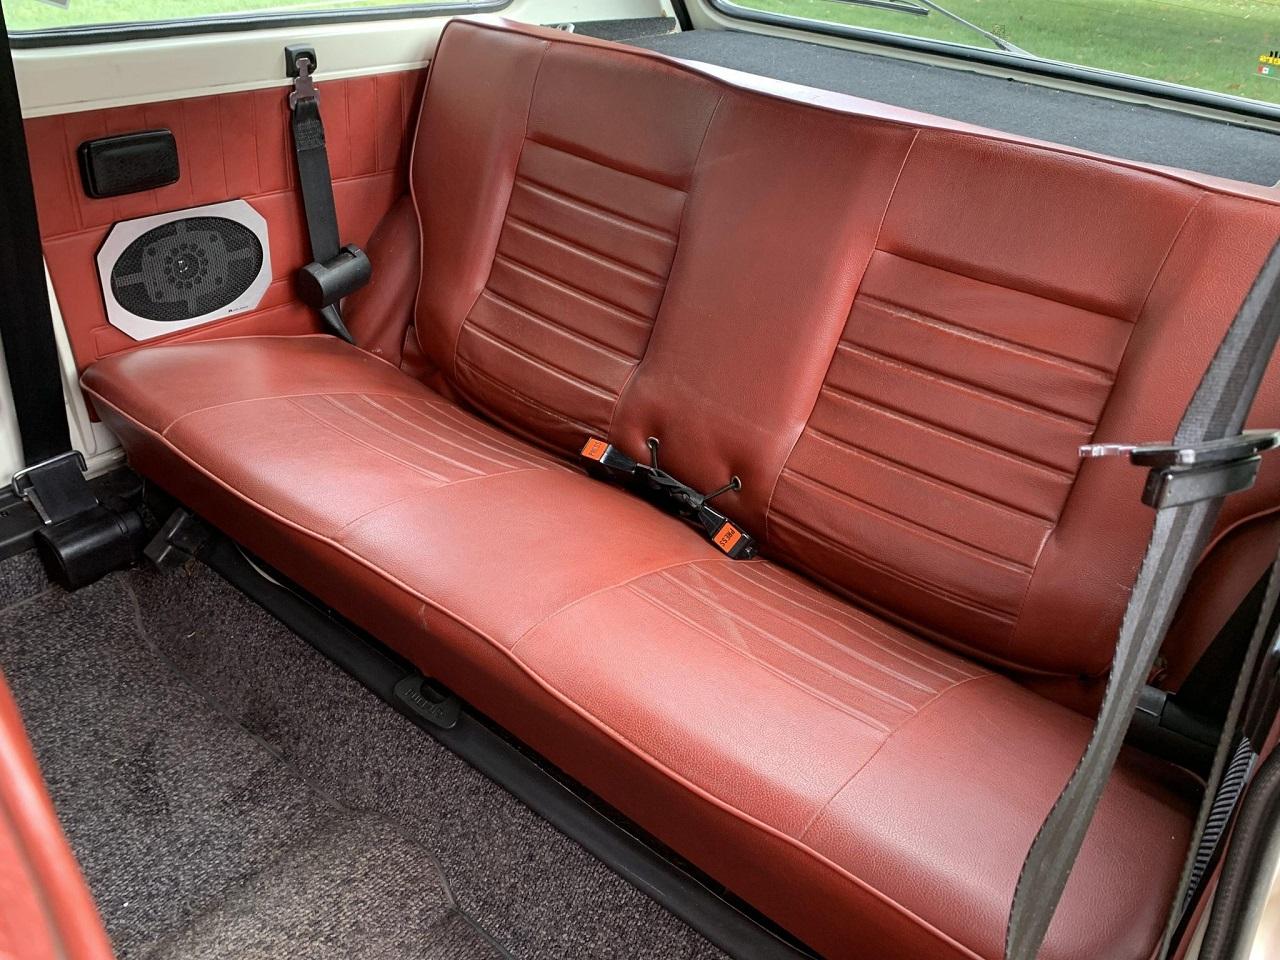 '79 Renault 5 Le Car - A la conquête de l'Amérique ! 14